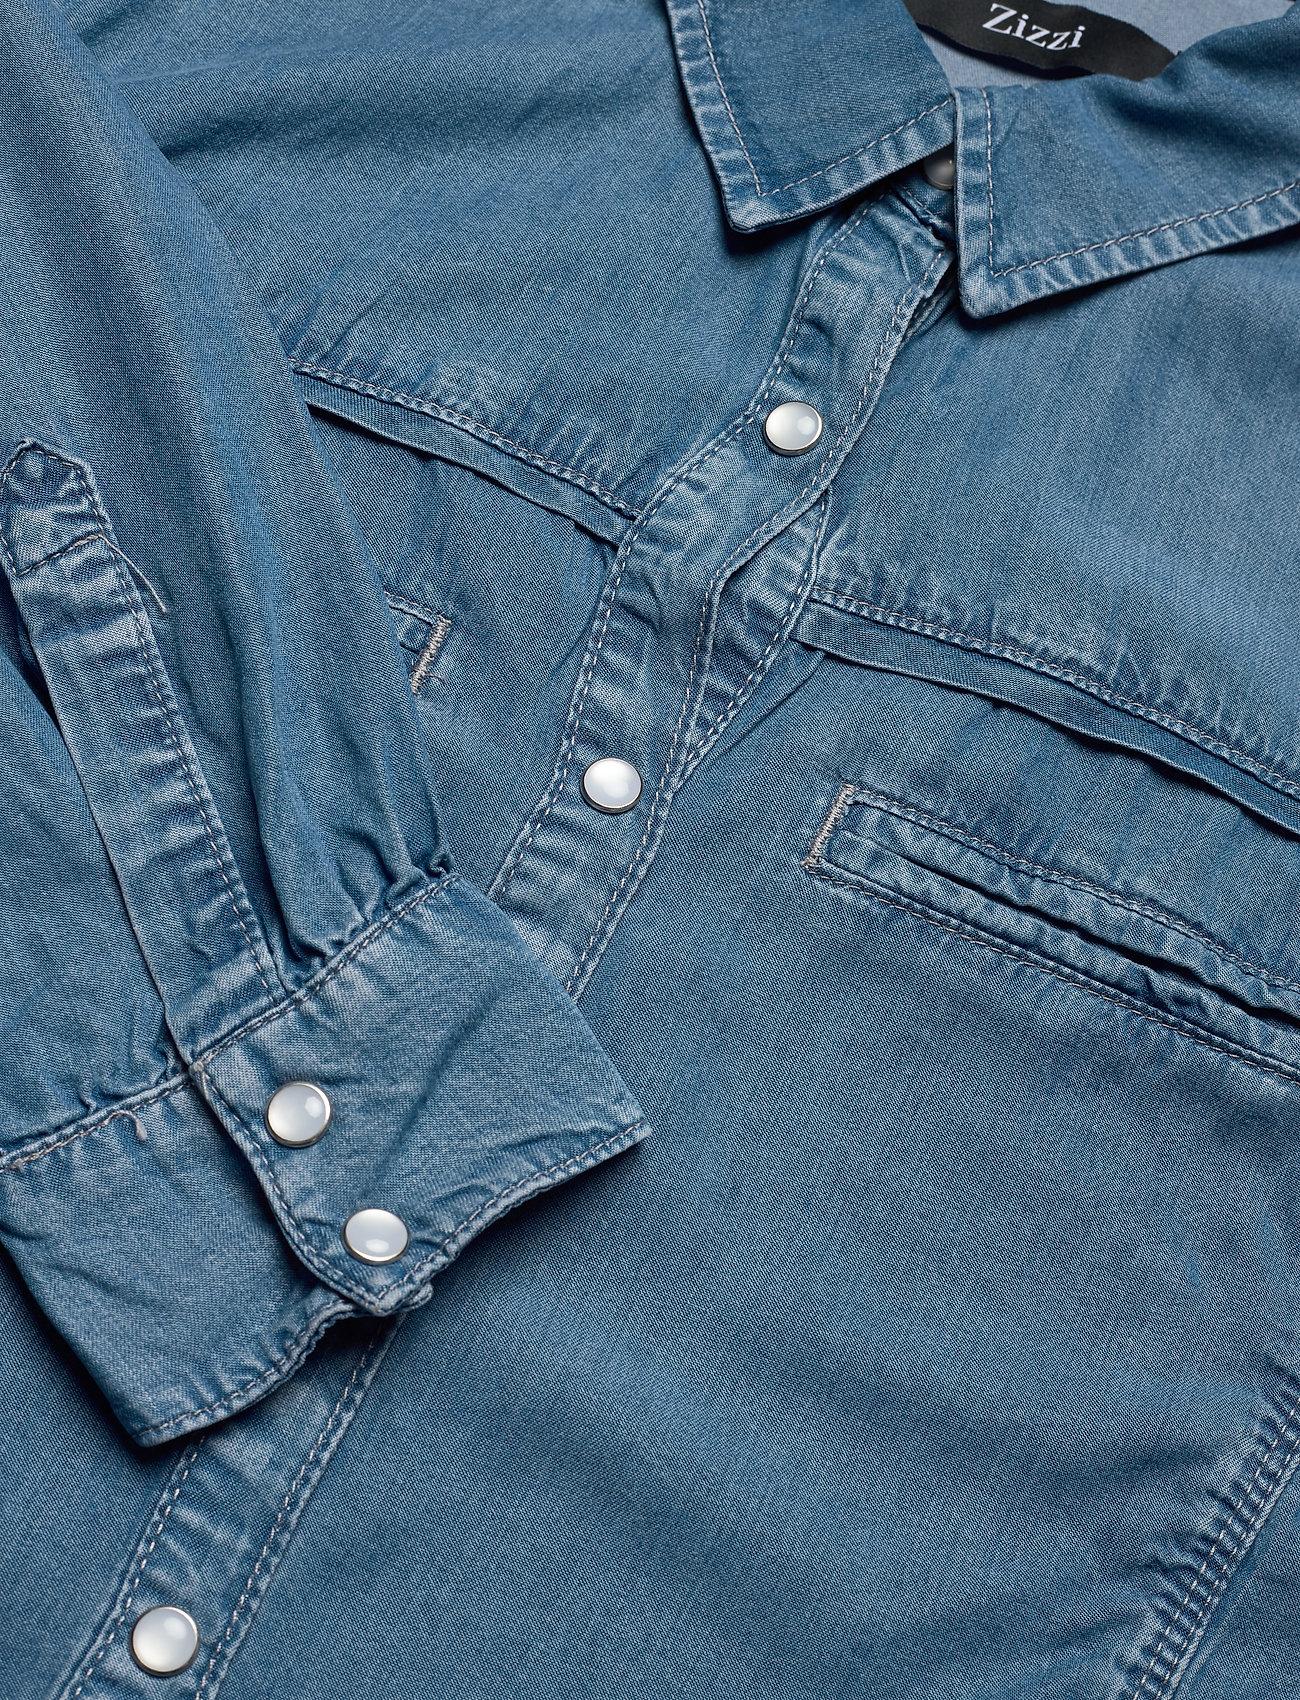 Zizzi JANNA, LS, SHIRT - Bluzki & Koszule BLUE - Kobiety Odzież.